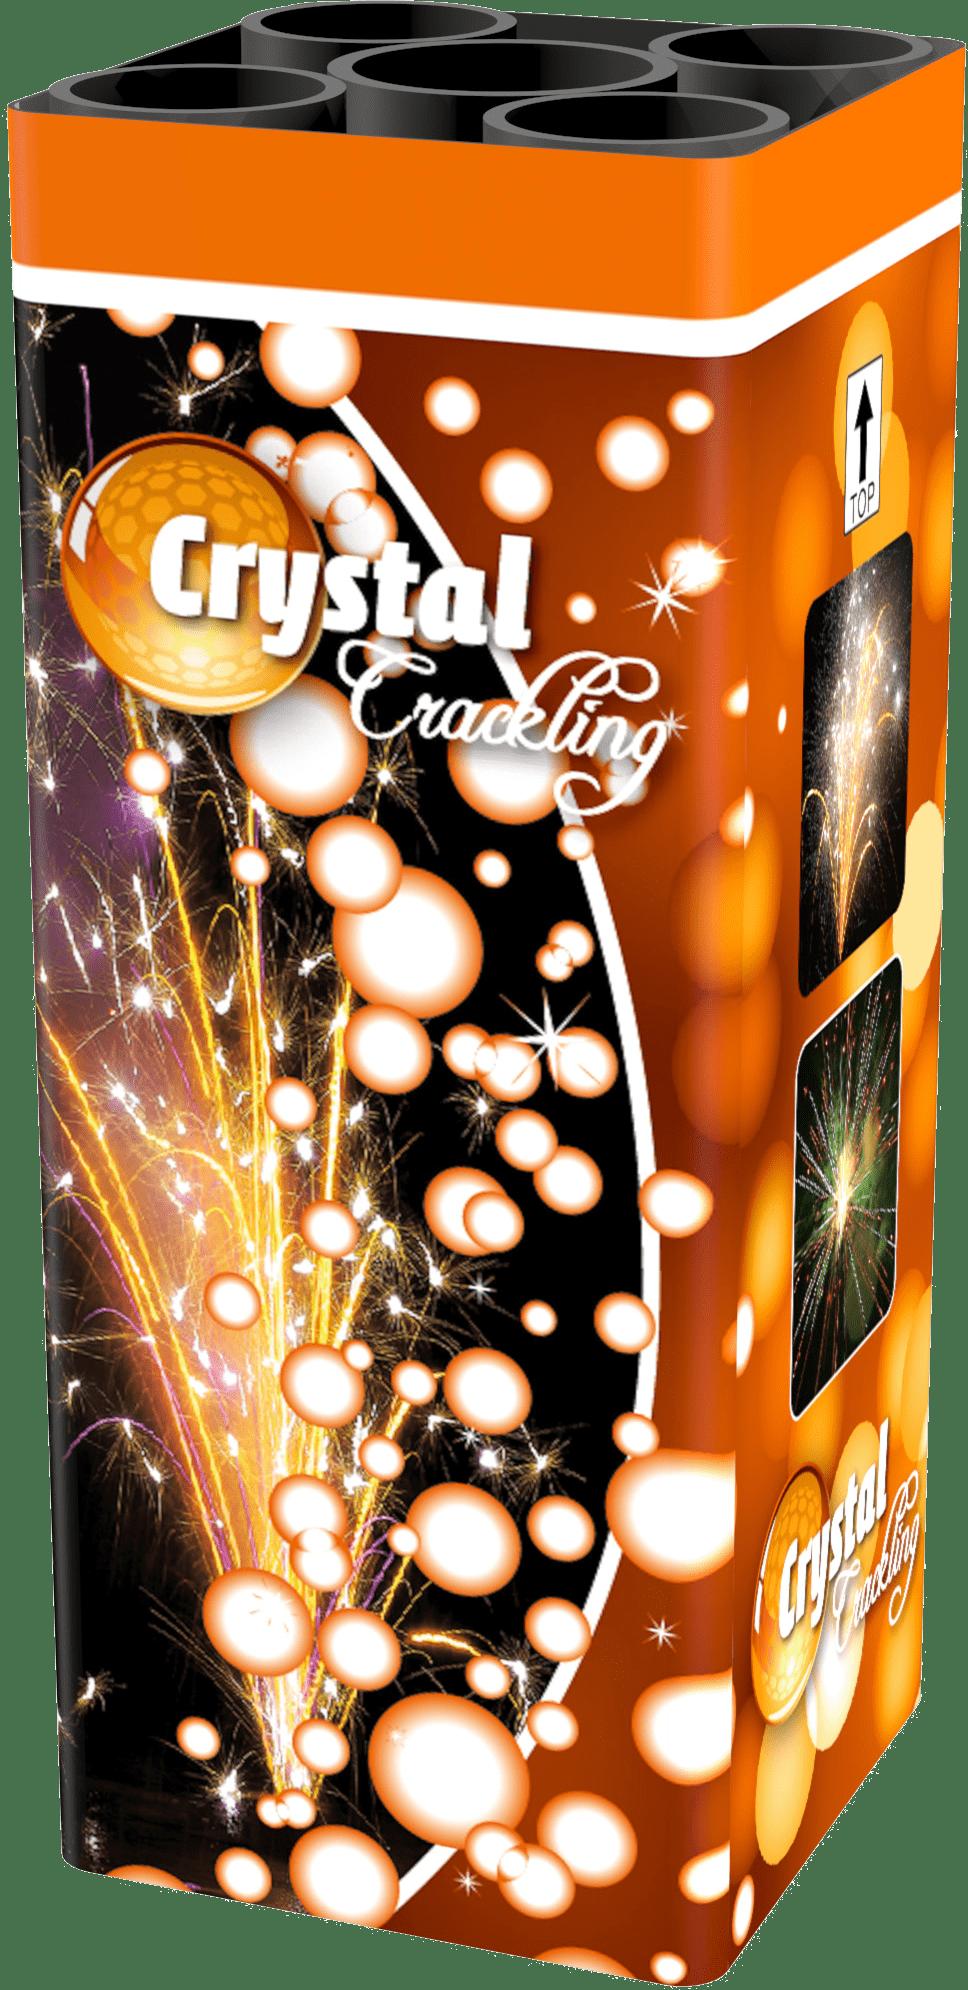 CRYSTTAL Crackling